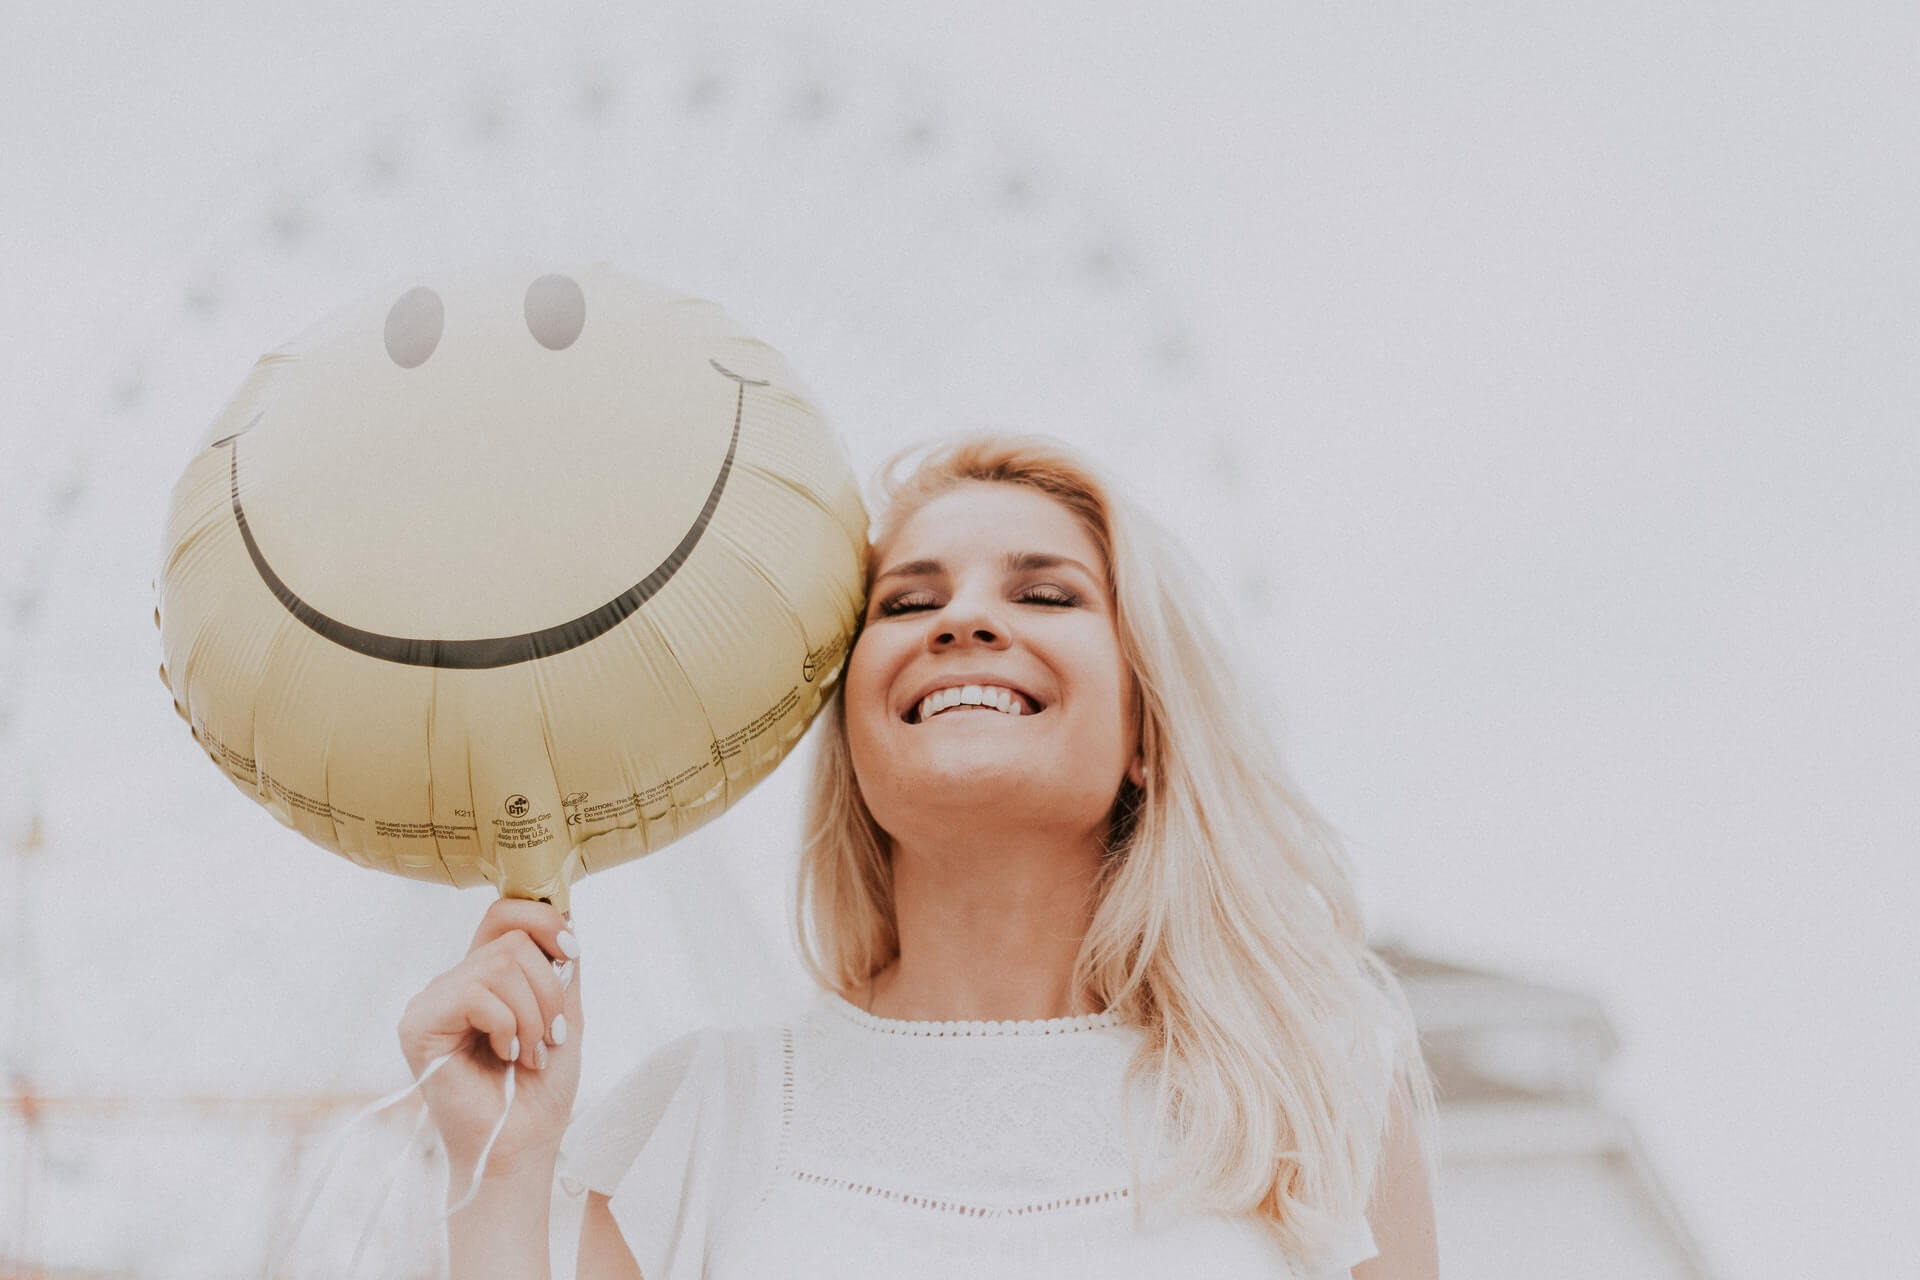 Fühle dich wohl - Selbstbewusstsein stärken